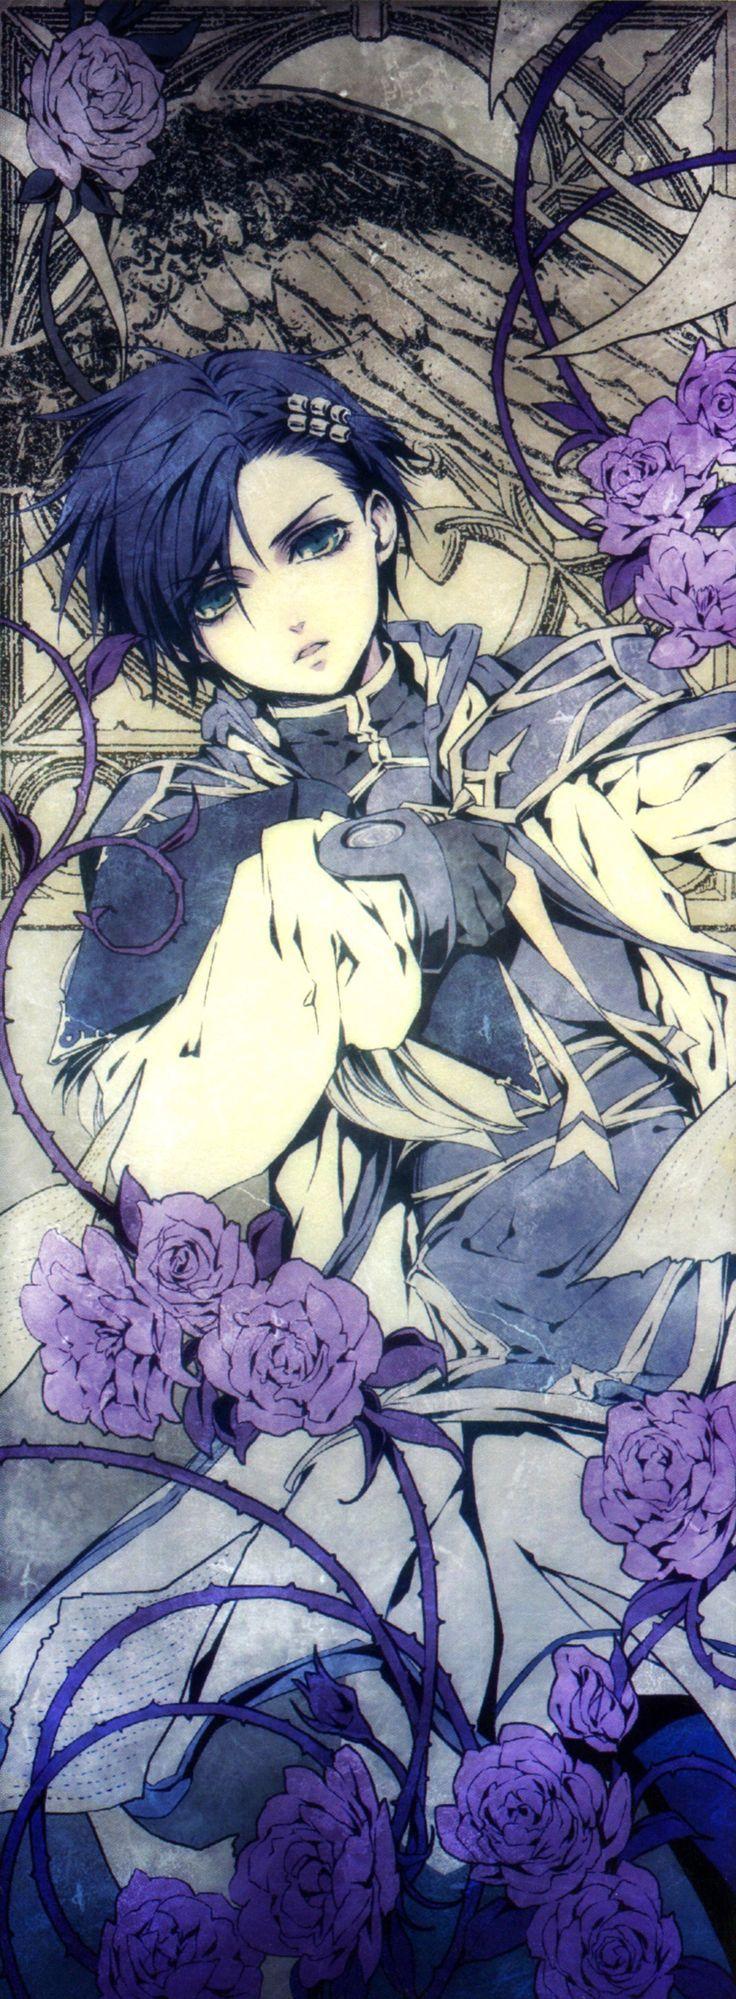 hình anime tải về- Ciel Phantomhive 2917.